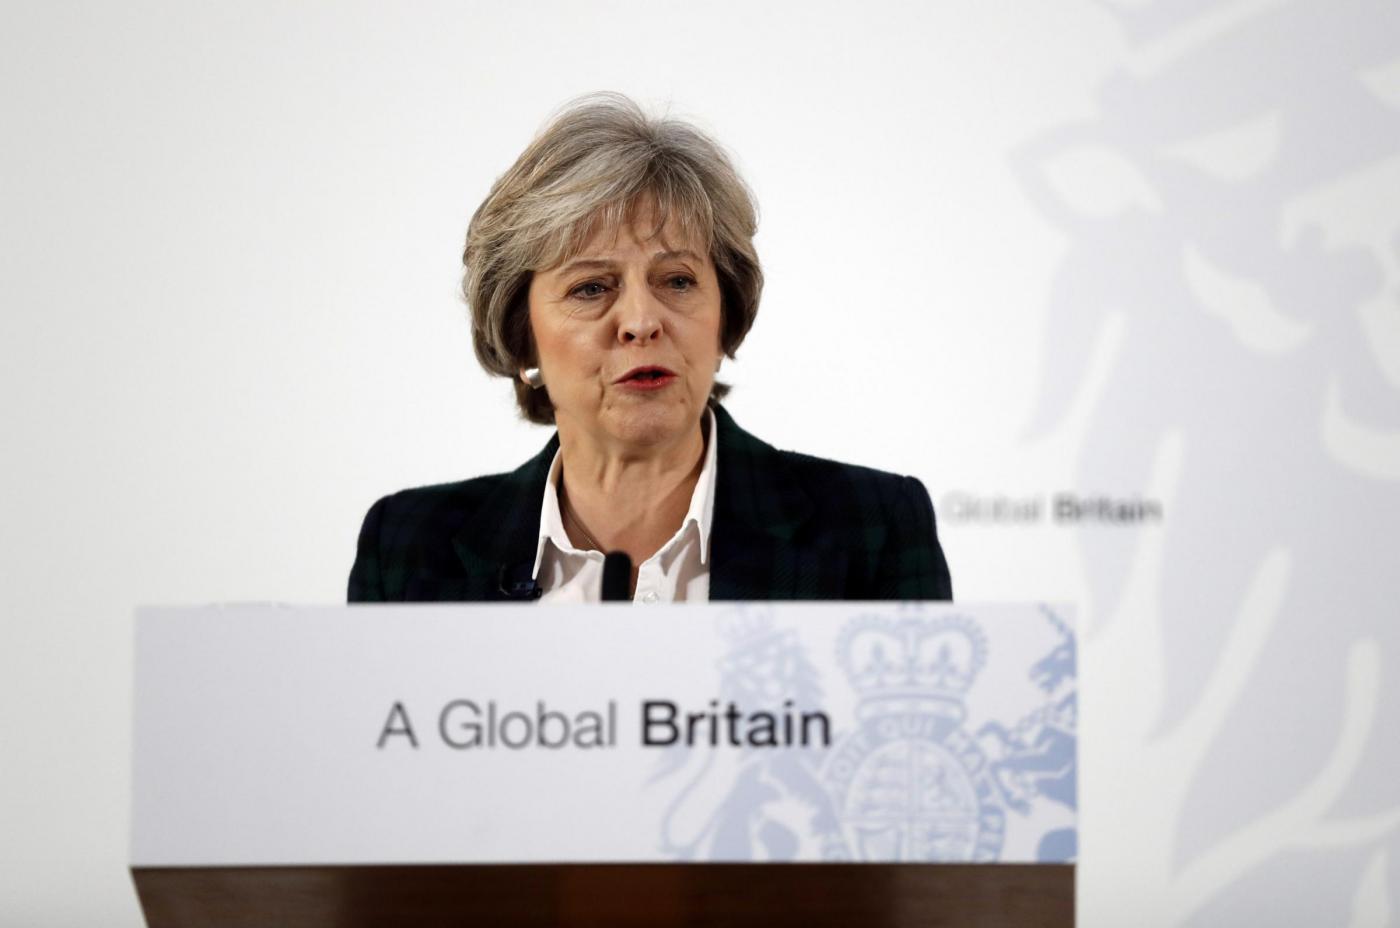 Theresa May, il discorso sulla Brexit: 'Lasciamo il mercato europeo'